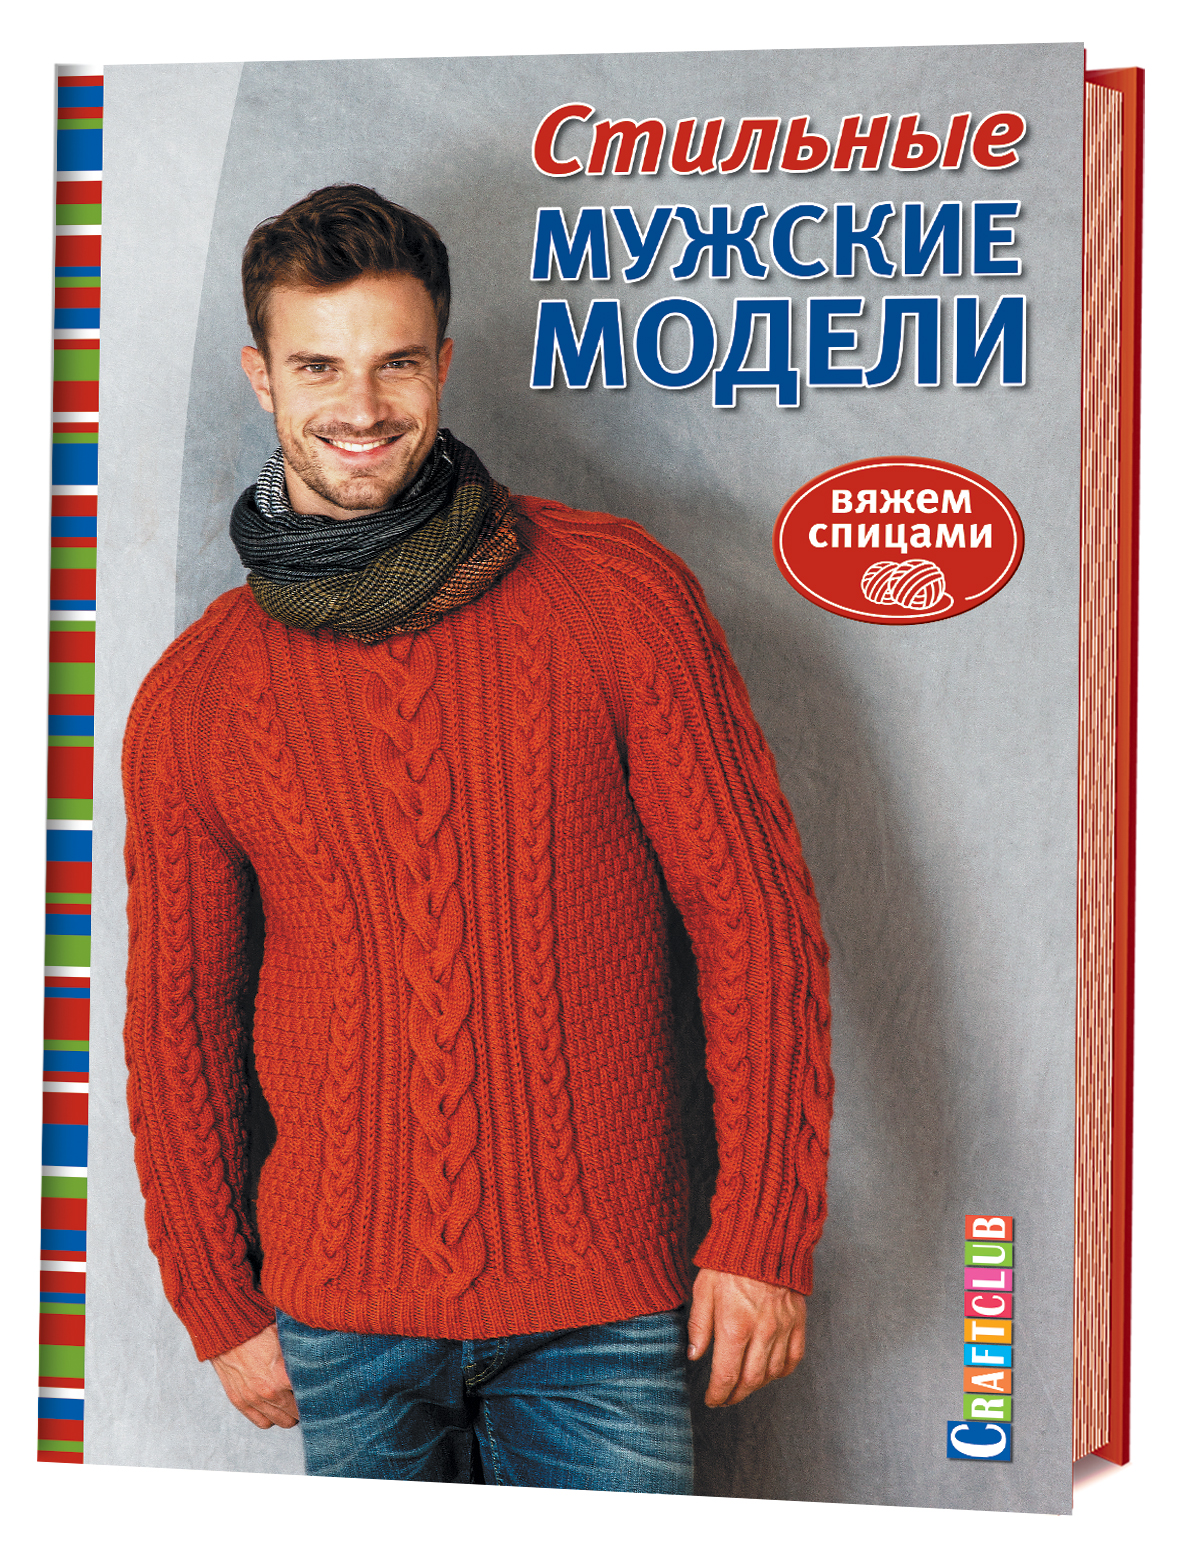 Стильные мужские модели. Вяжем спицами